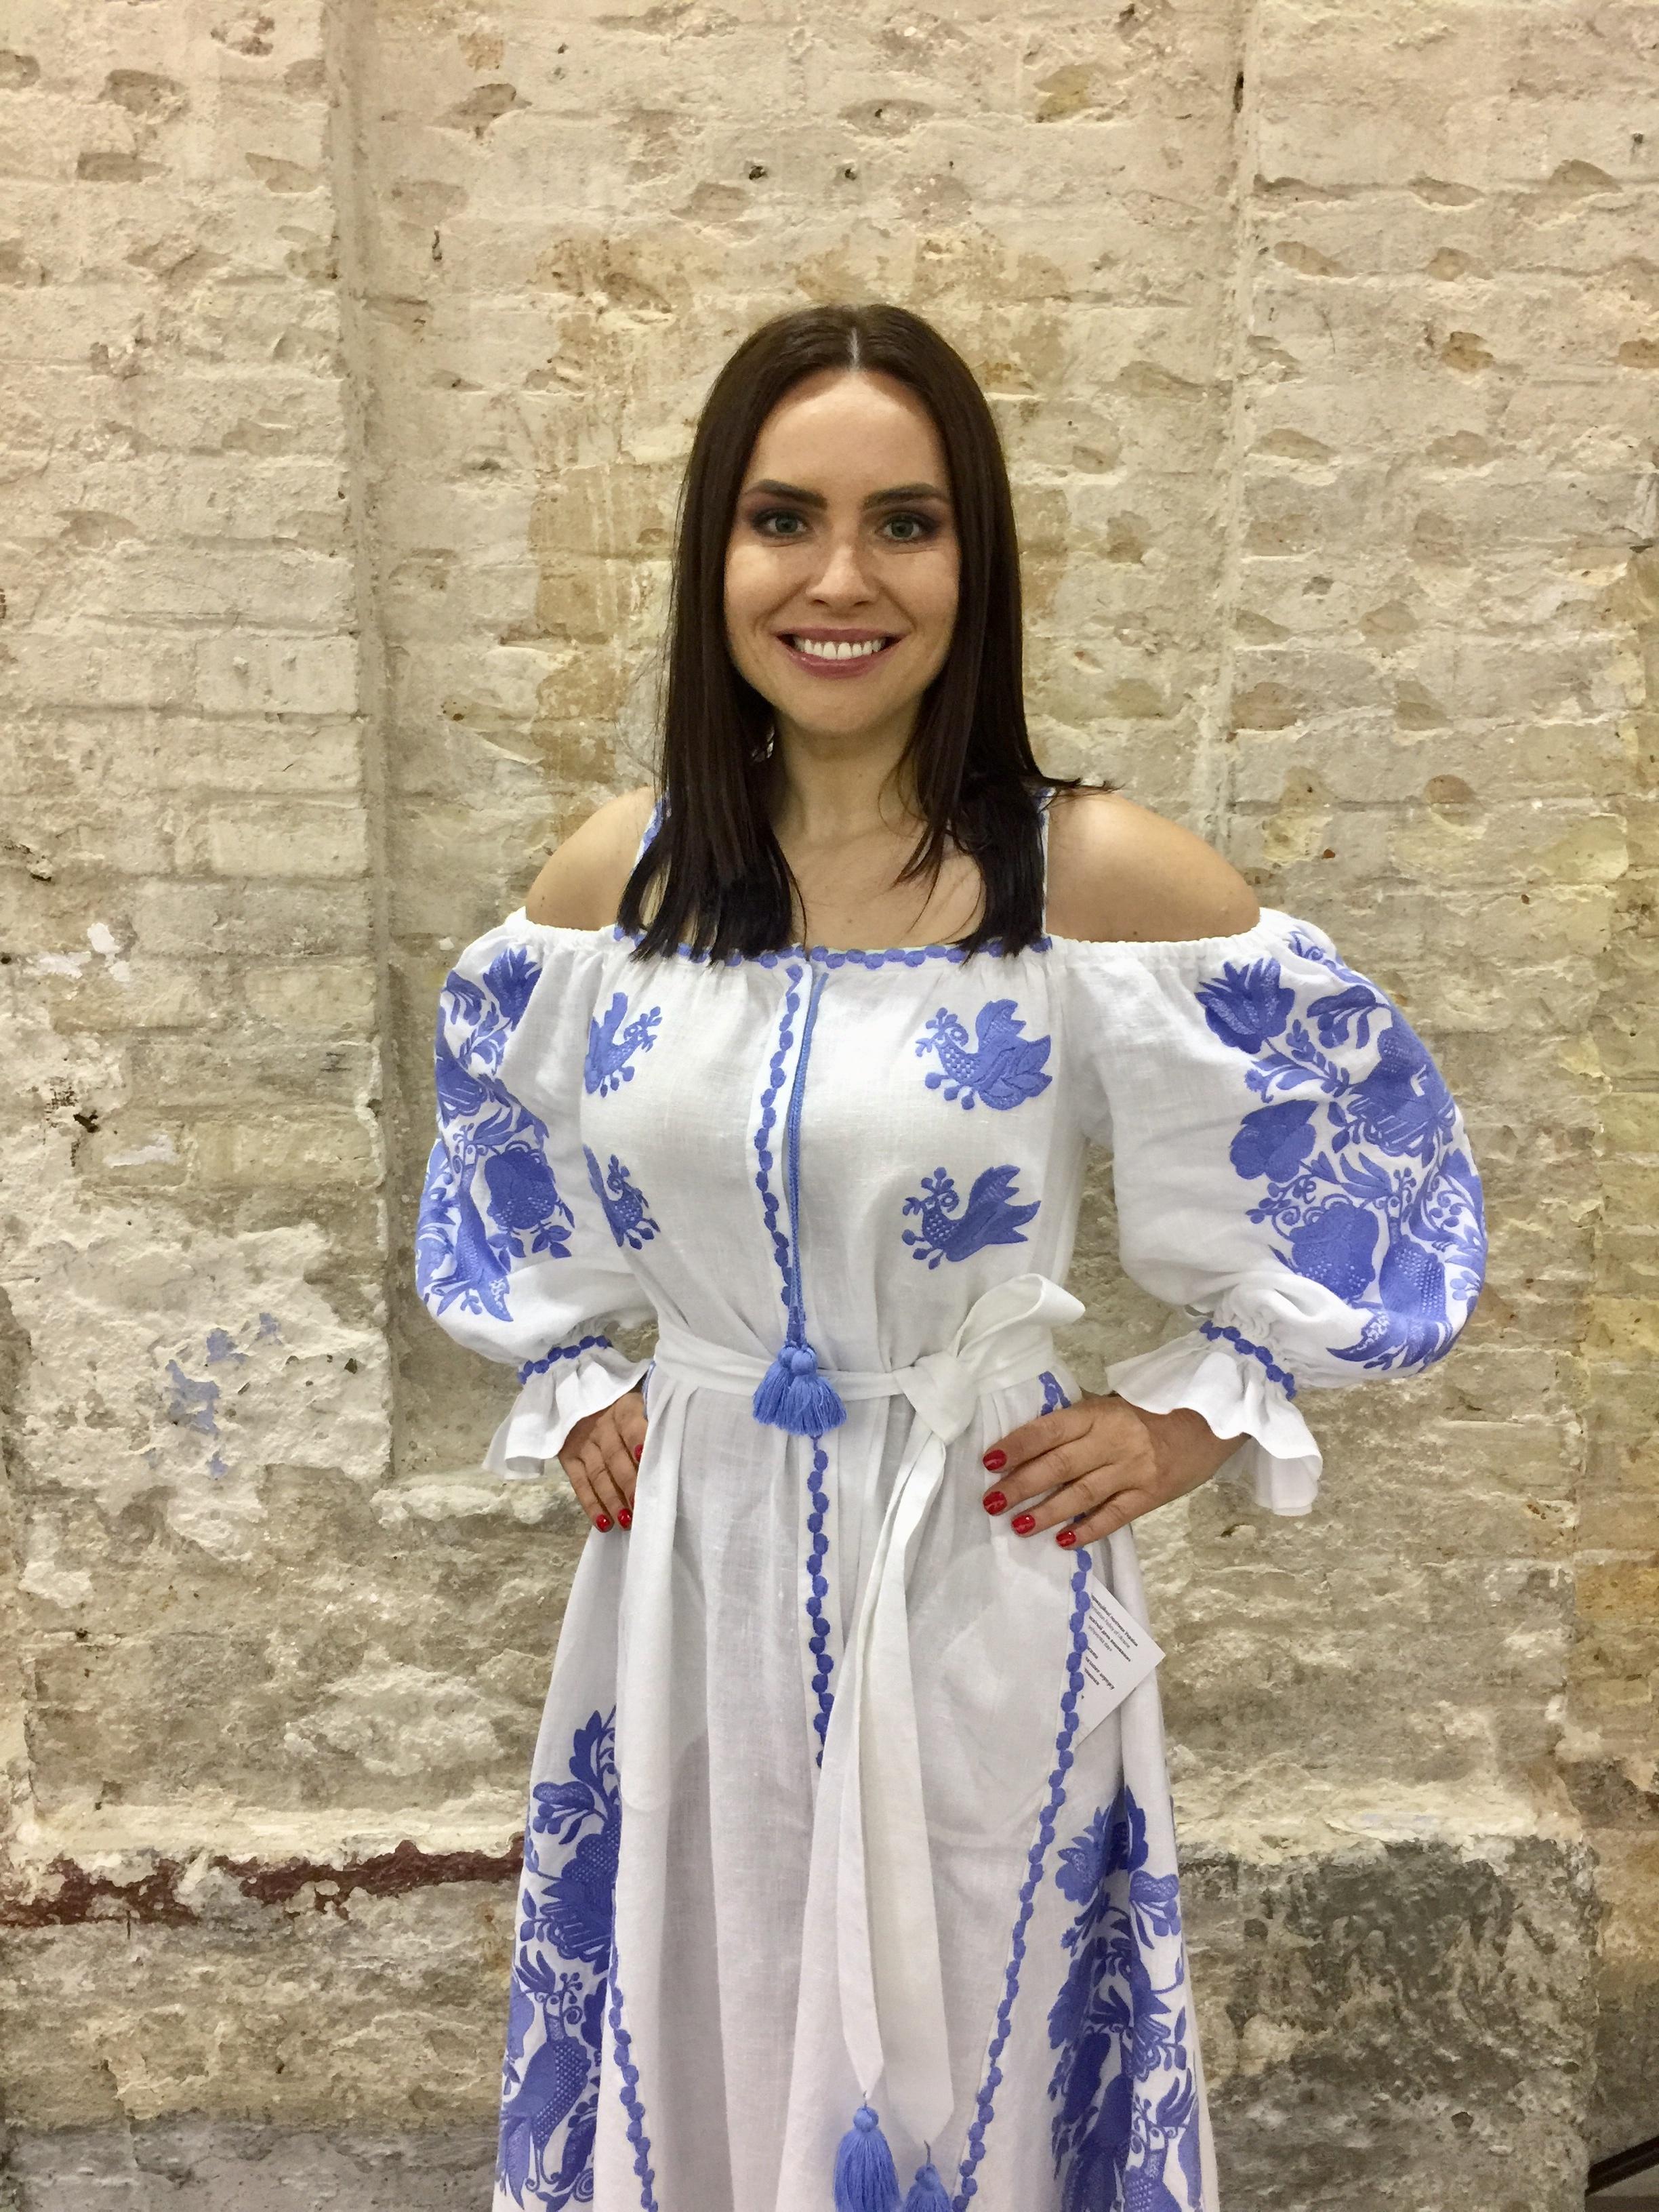 den-vyshivanki-2018-ukrainskie-zvezdy-rasskazali-o-simvole-nacii_2